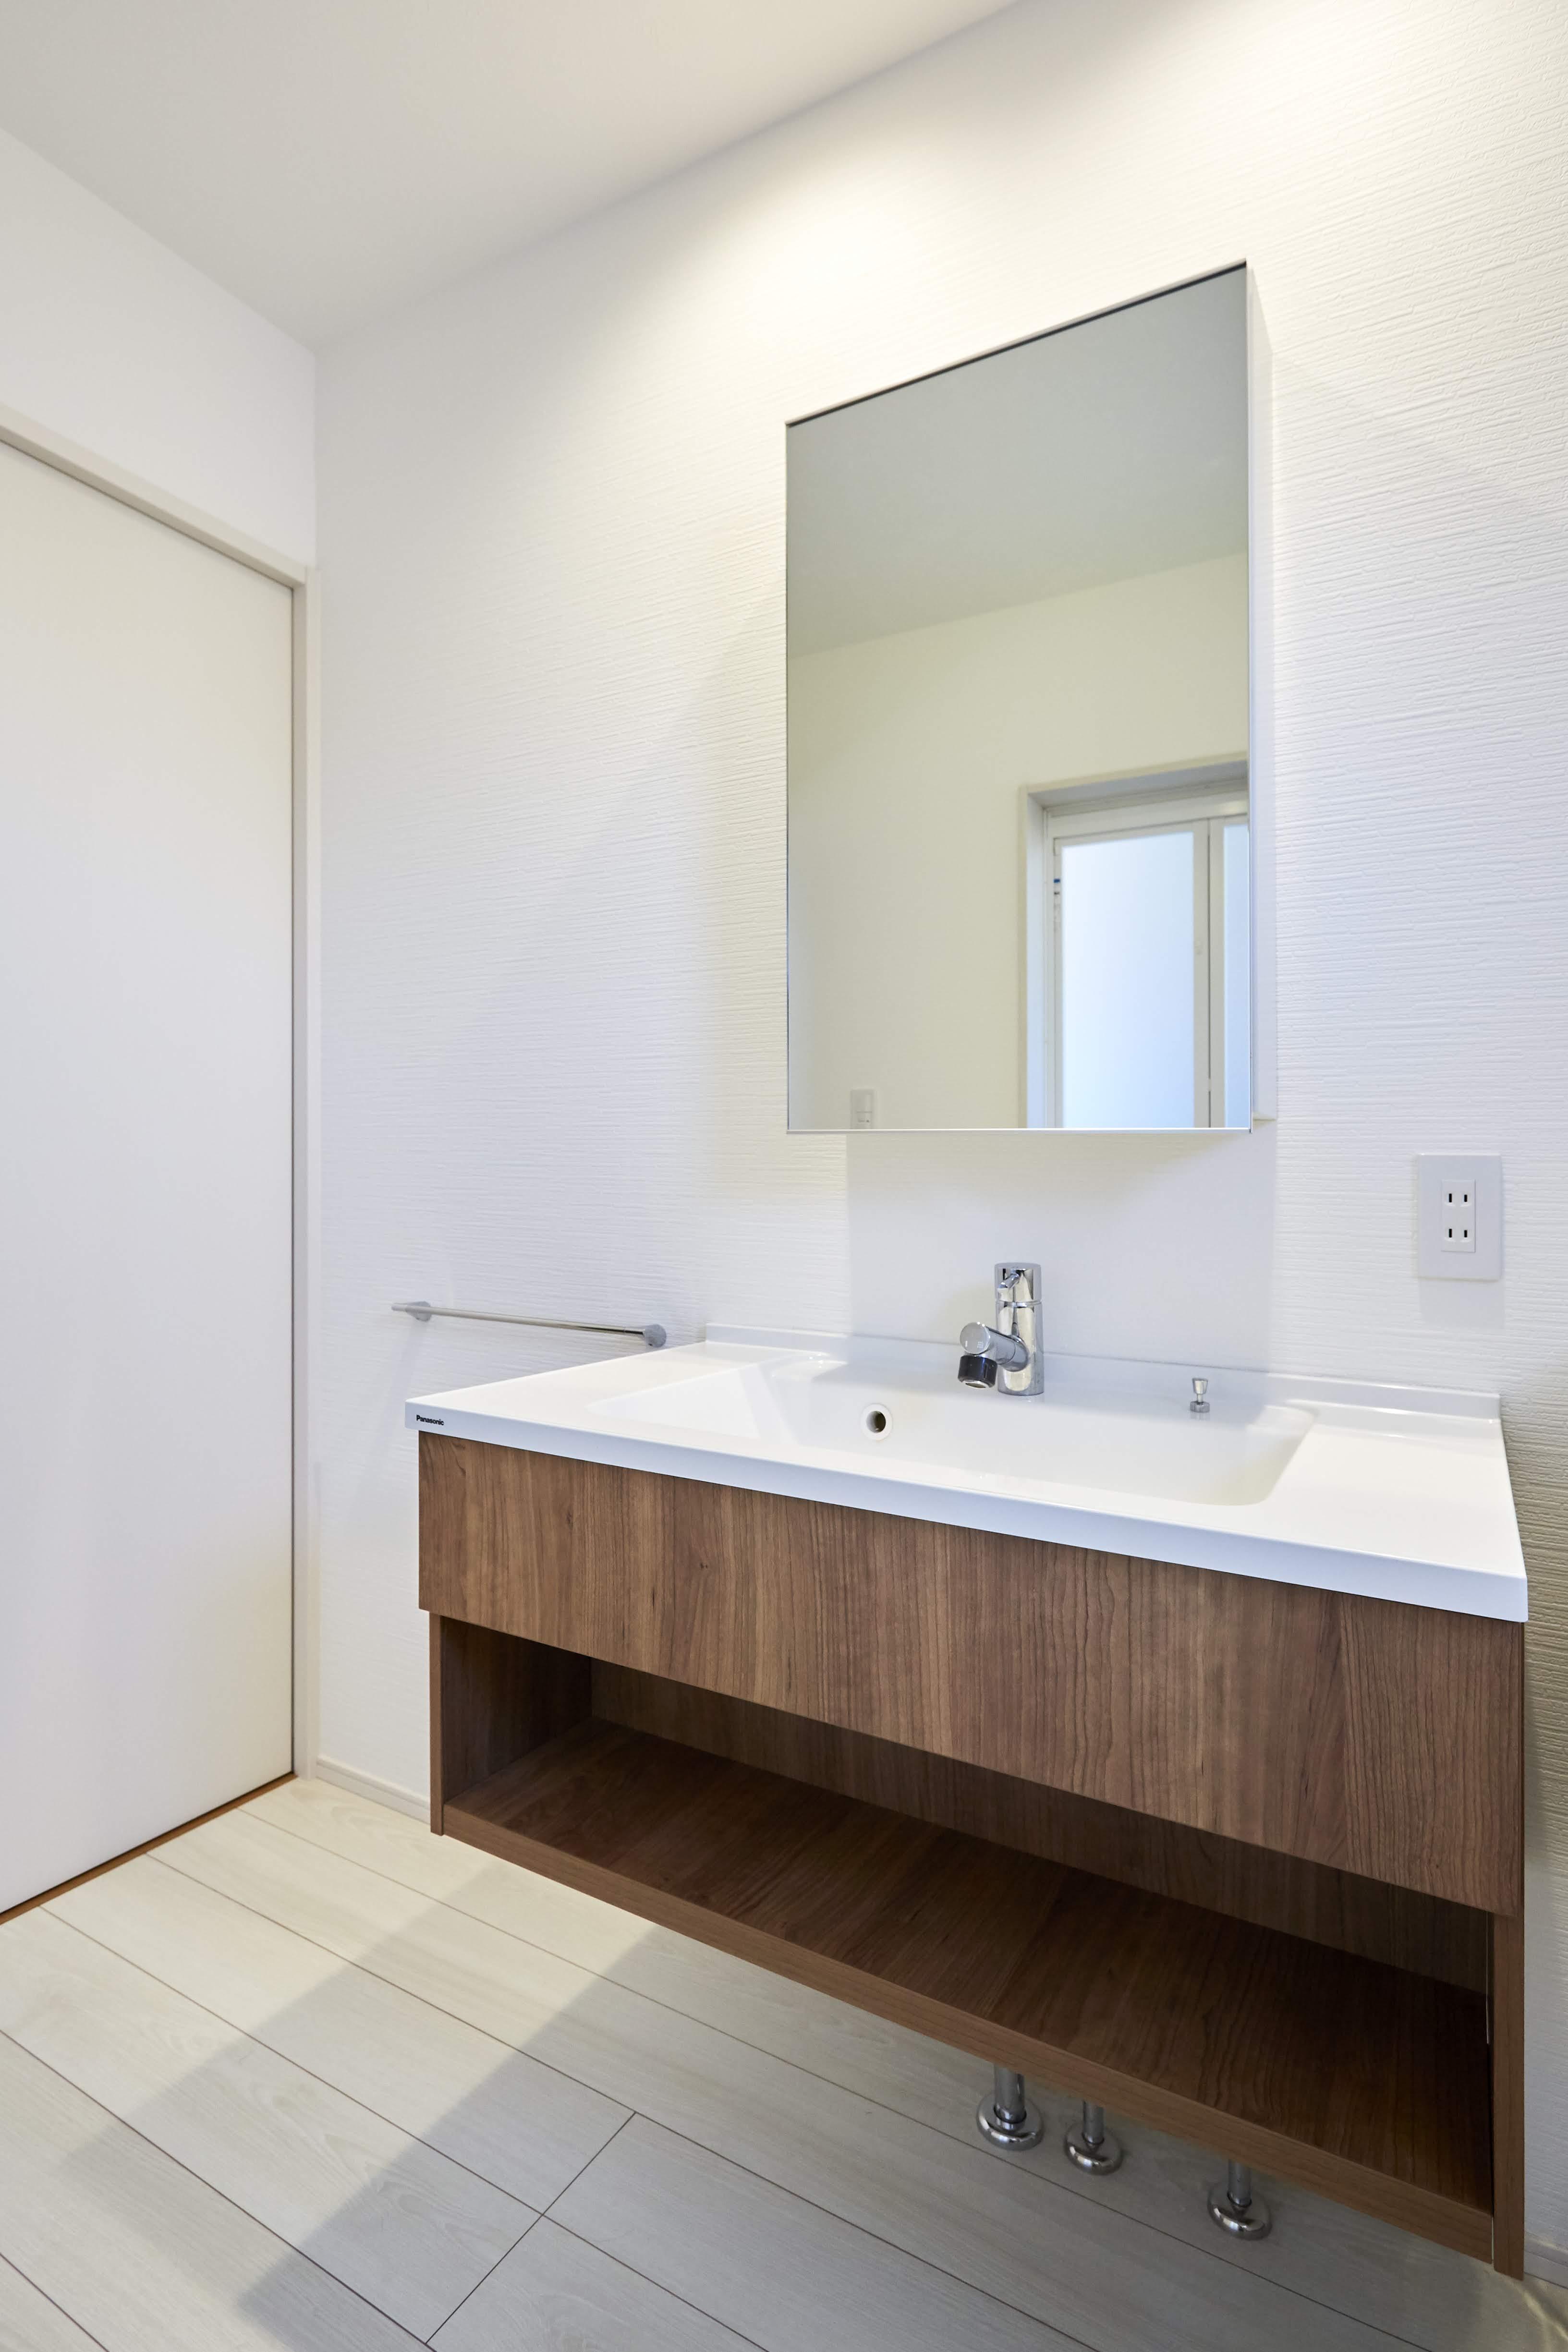 フロートタイプの洗面台は シンプルなカタチで個性的な空間を演出してくれる